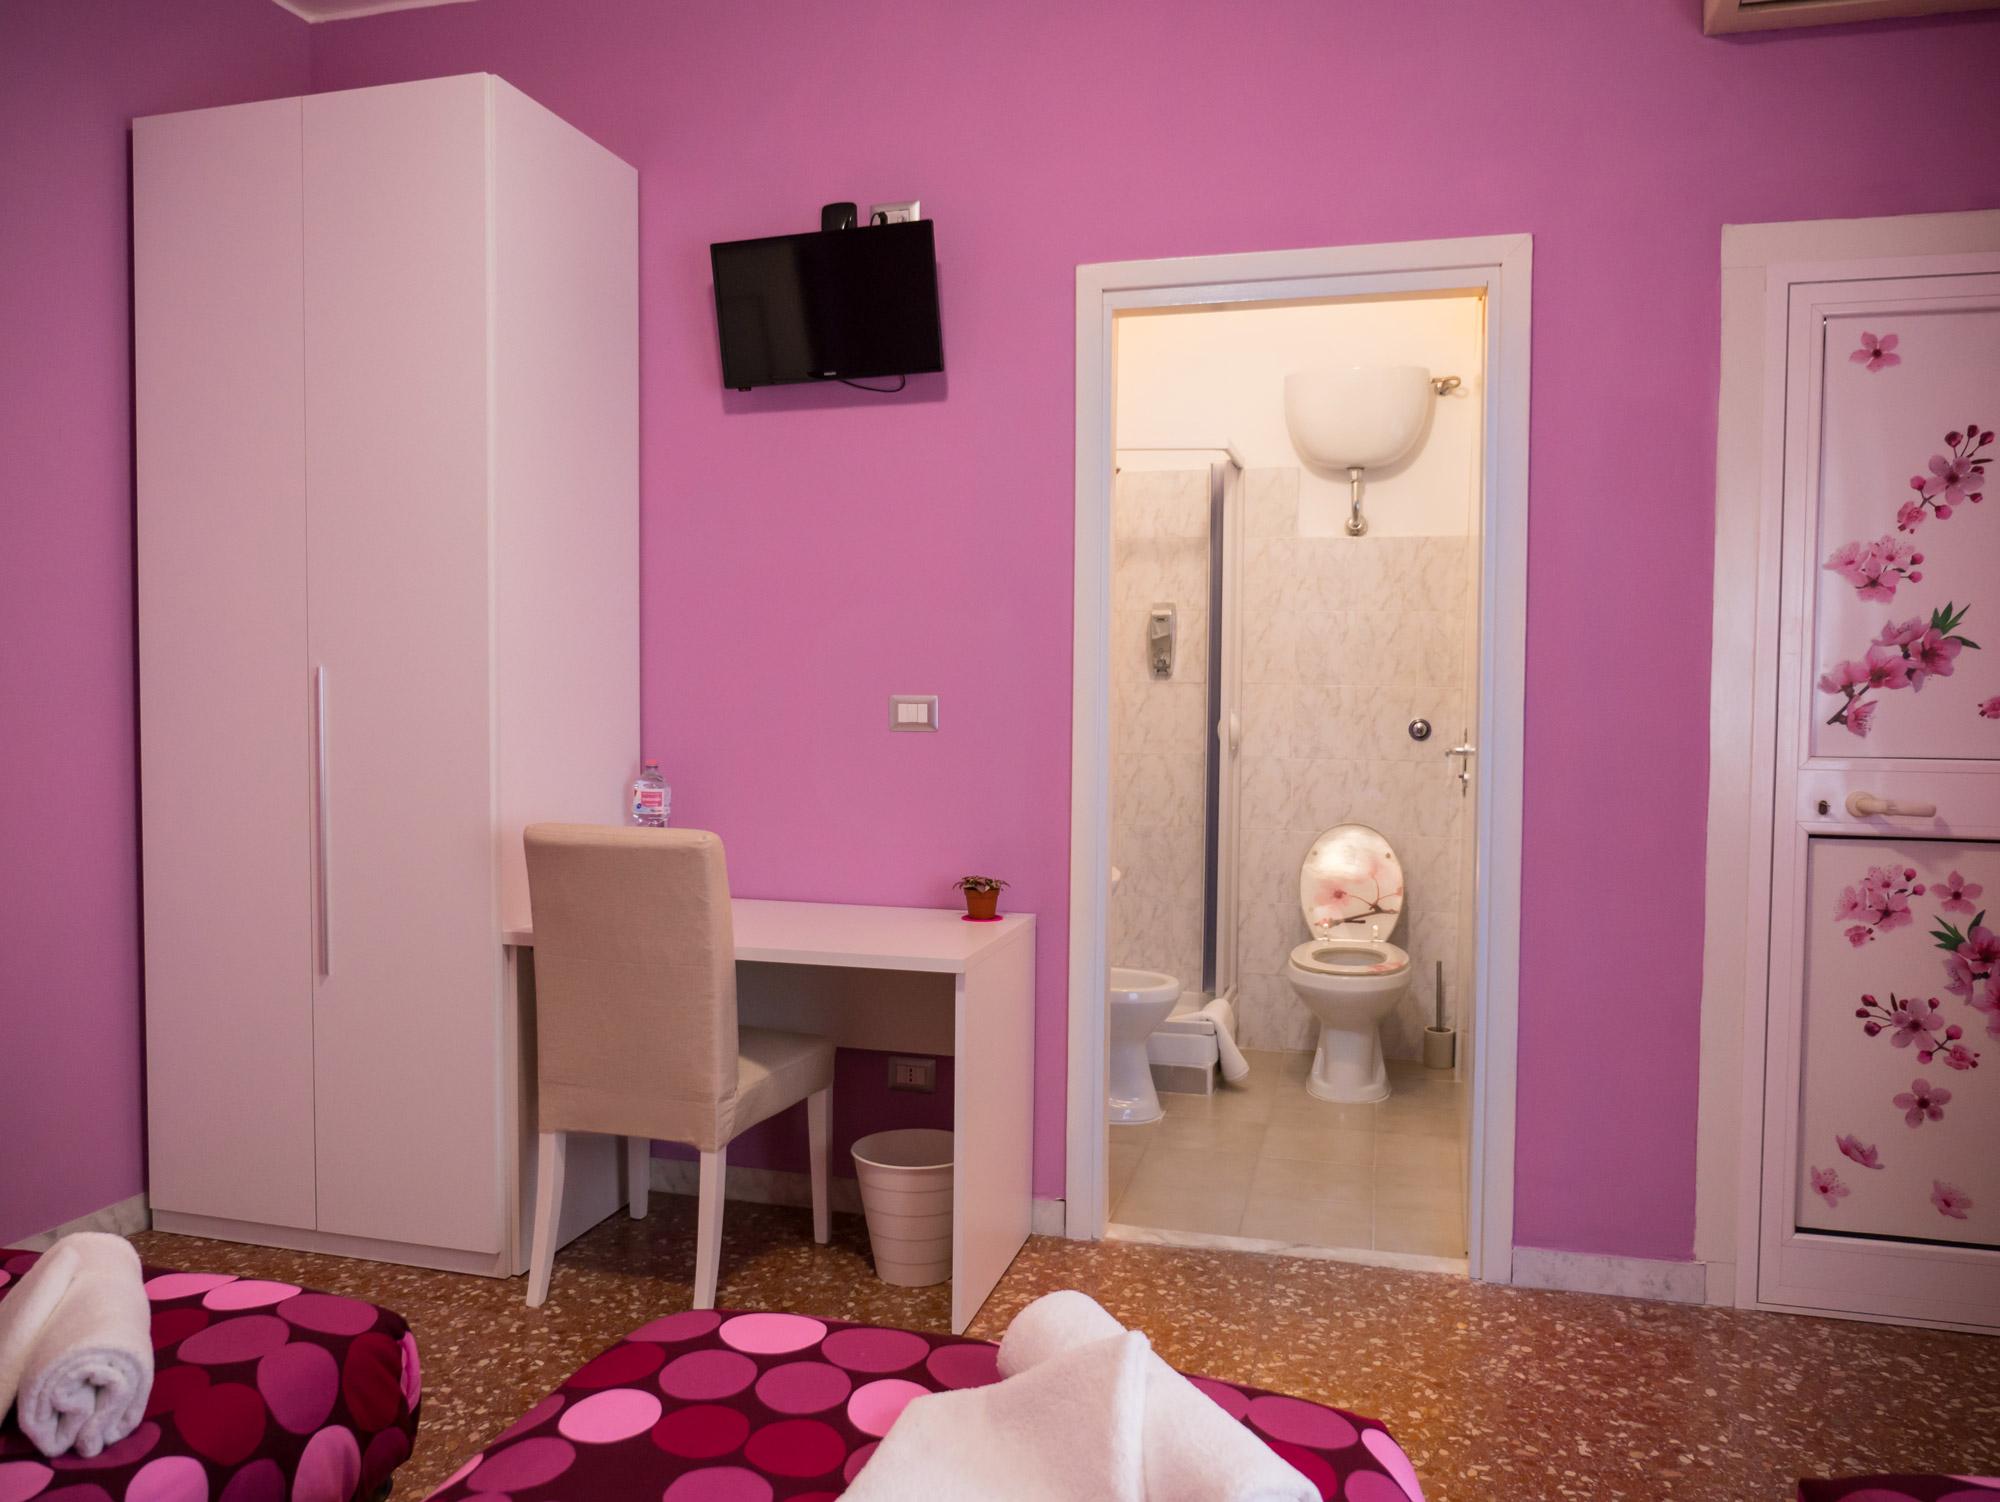 TV a parete, scrivania e bagno privato - Le Camere - B&B Roma Centro